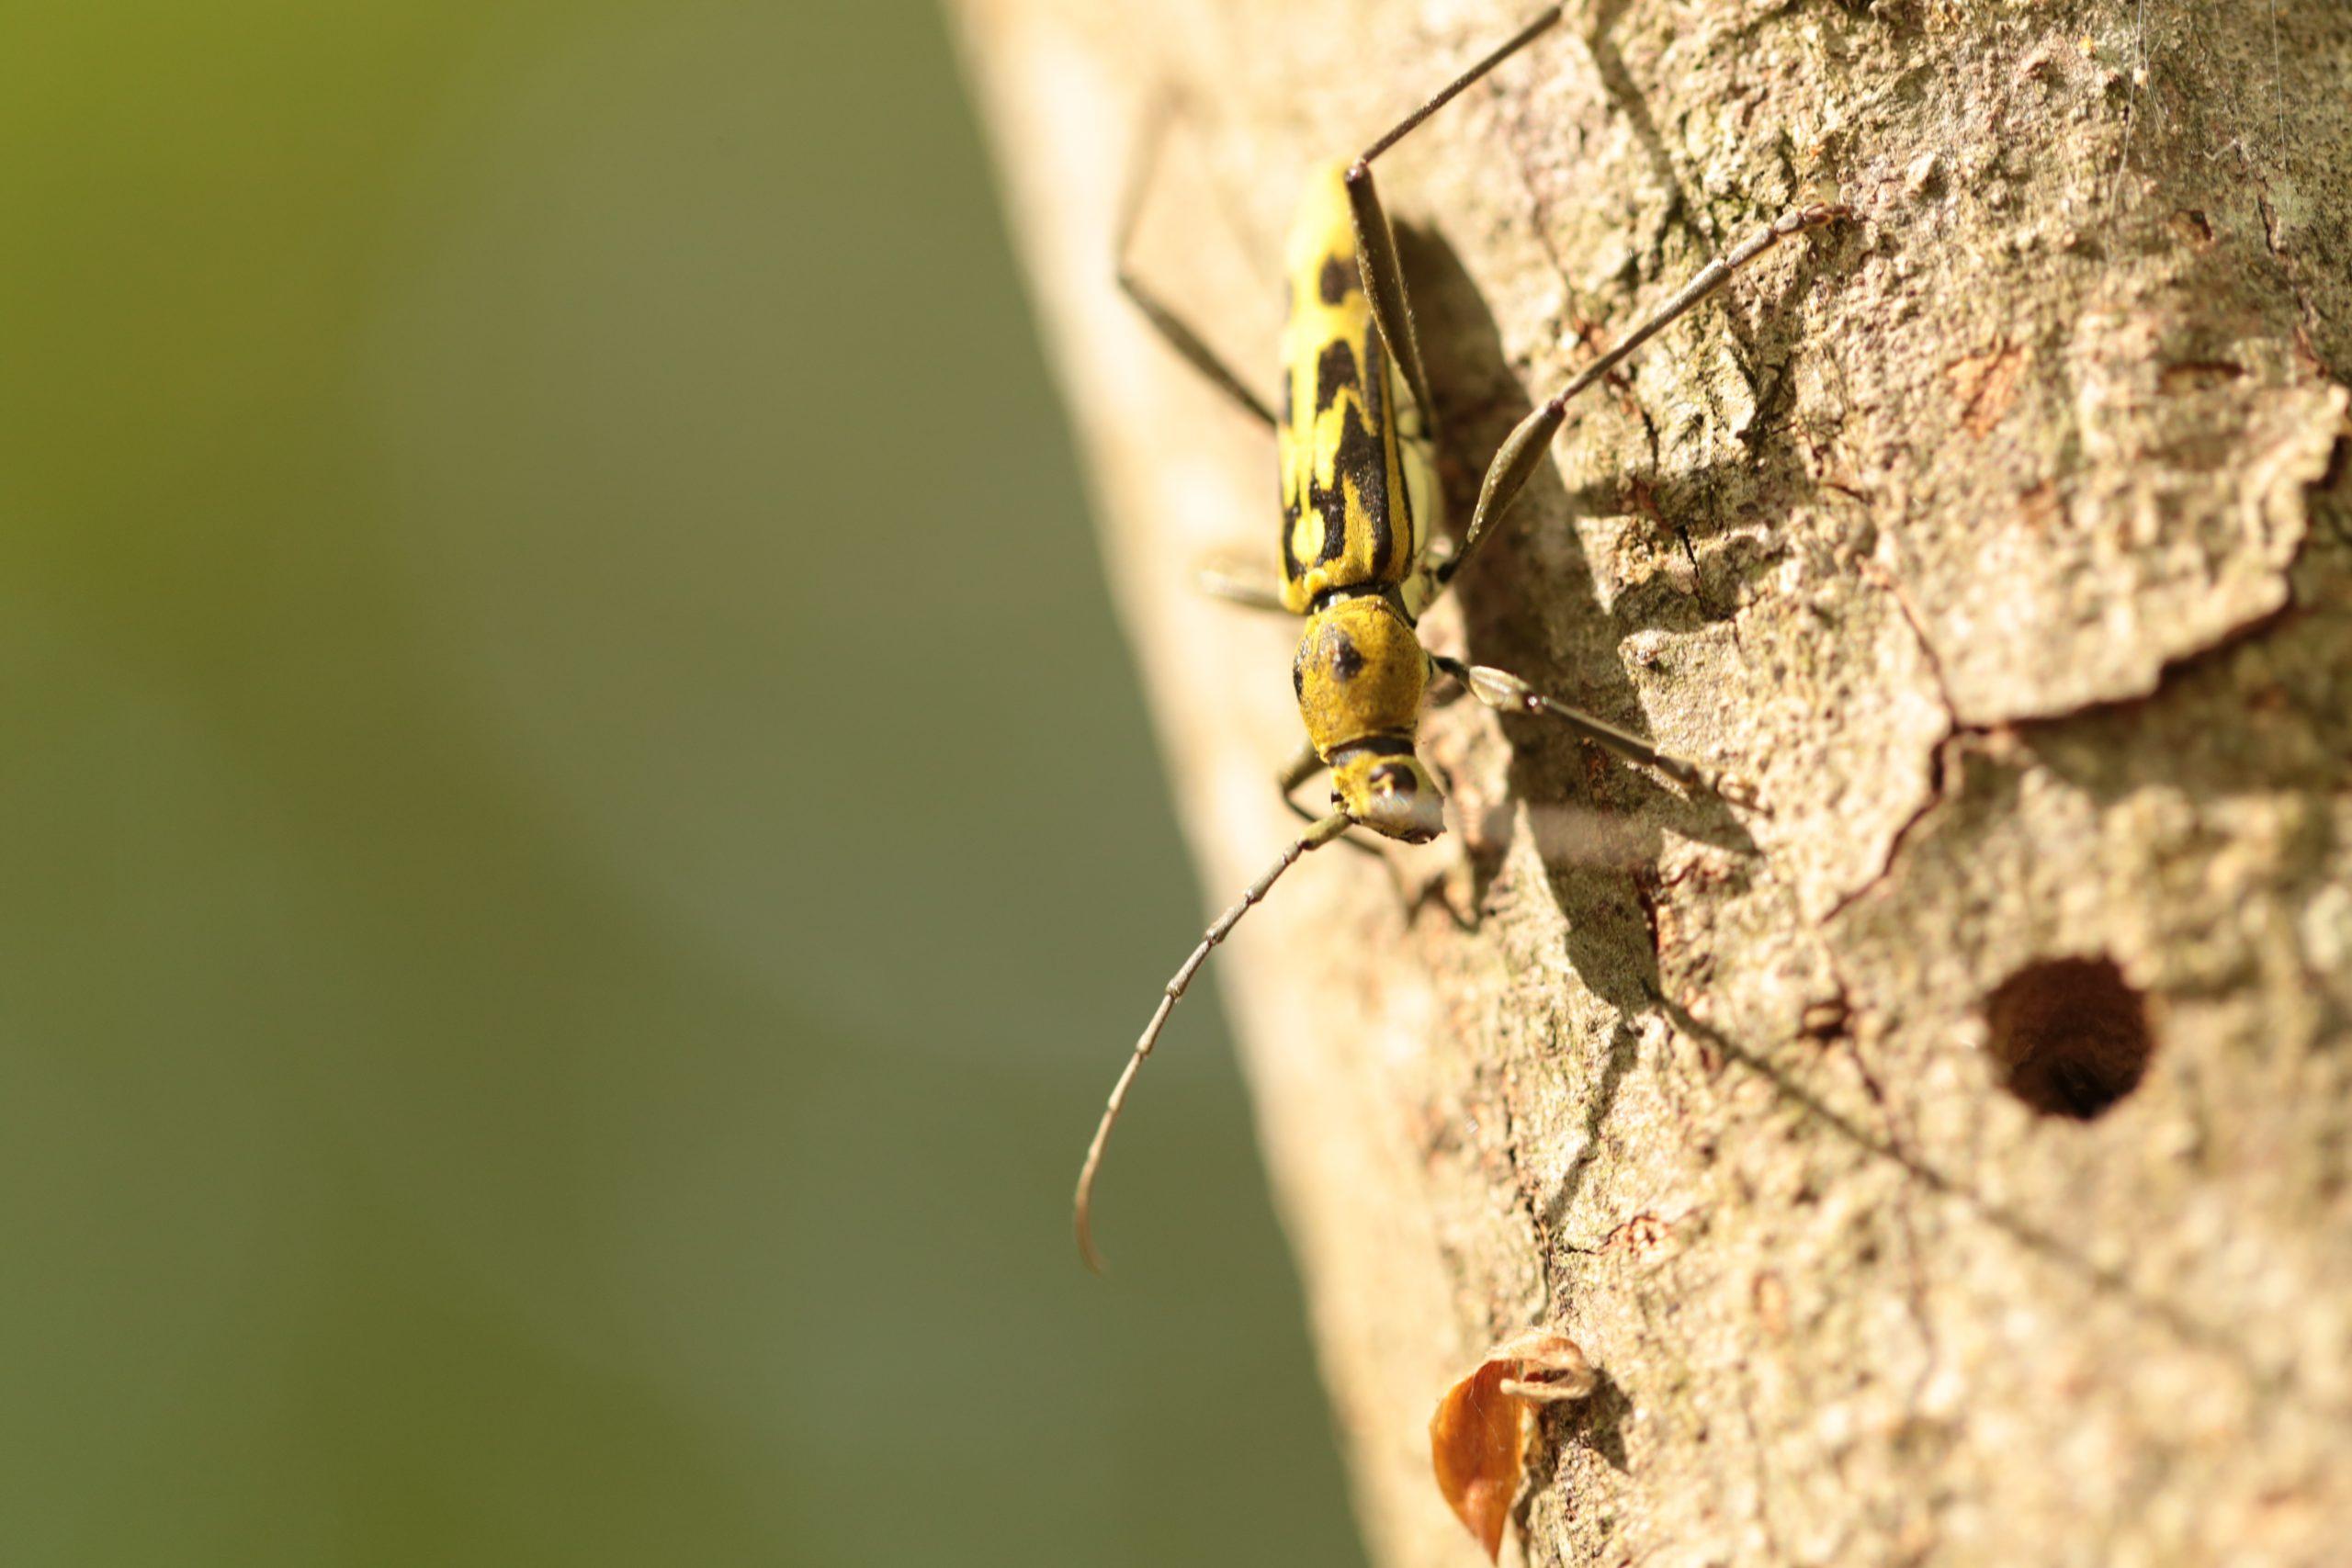 甲虫類観察スポット造成